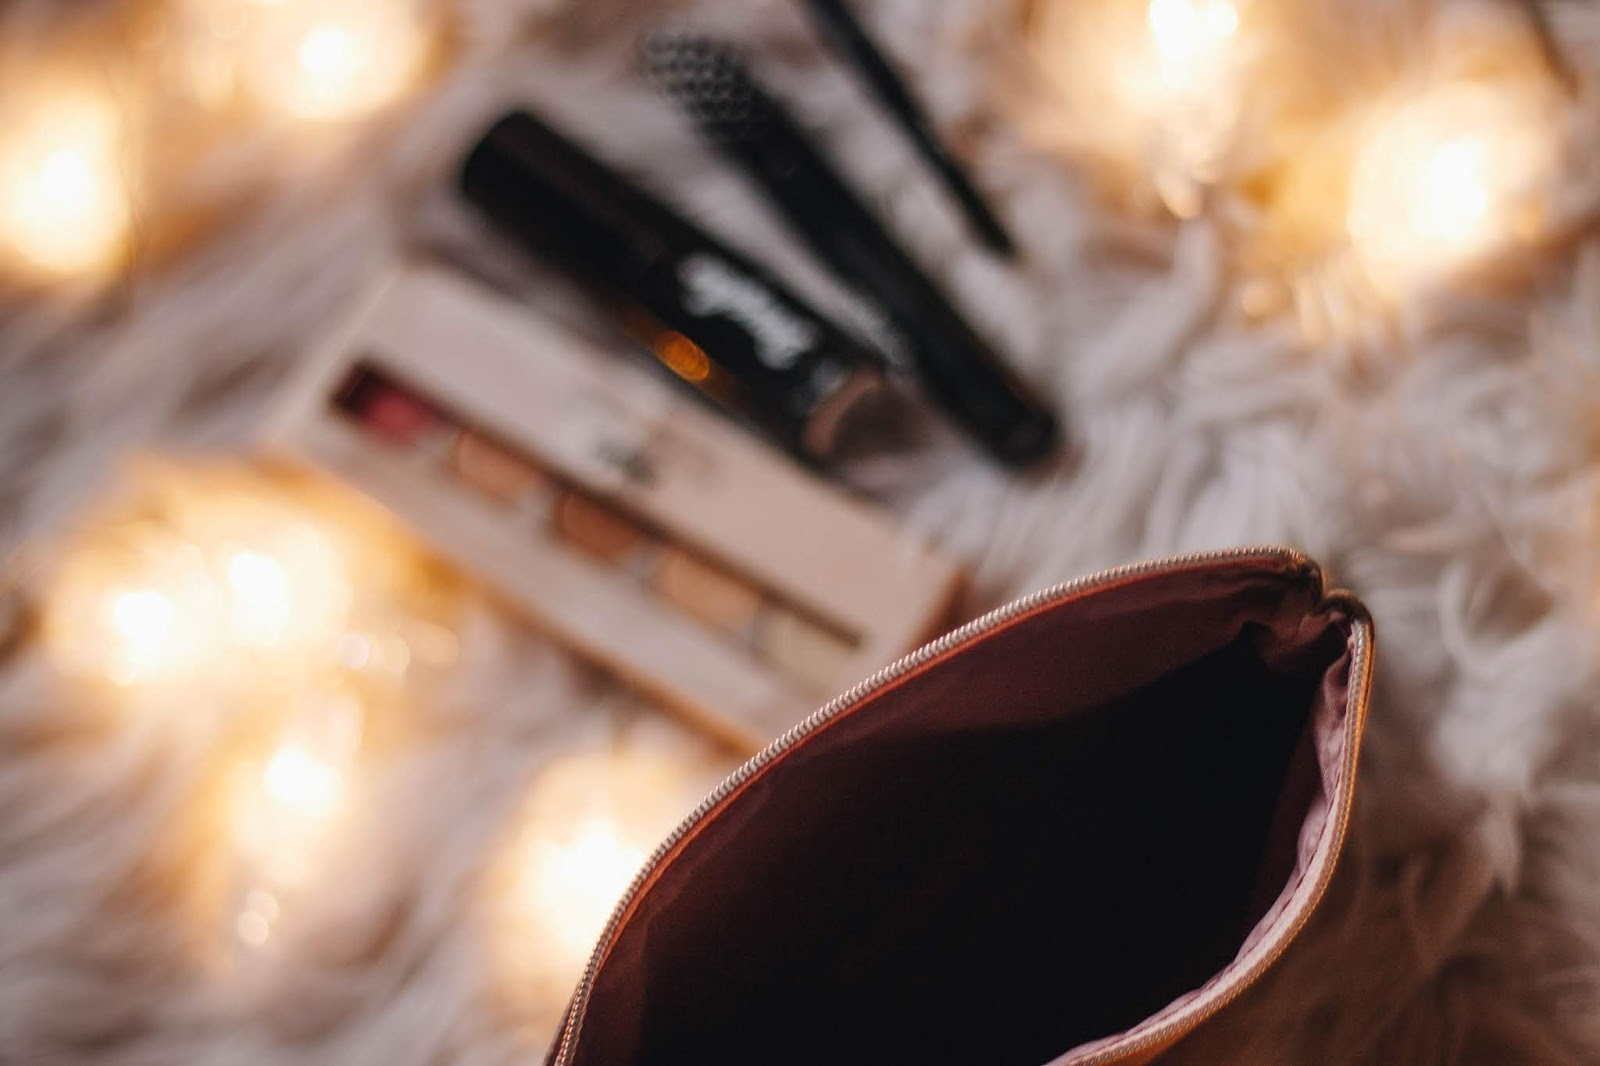 O mês de Dezembro chegou e, possivelmente, estão a pensar nas prendas de Natal que ainda faltam comprar. Por mais cedo que comecemos a pensar nelas, há sempre uma ou outra que acabamos por adiar. A black friday é uma ótima altura para aproveitar os bons deals para comprar presentes, mas, caso não o tenham feito, não desesperem - o post de hoje tem duas sugestões para apreciadores de maquilhagem e acessórios personalizados.